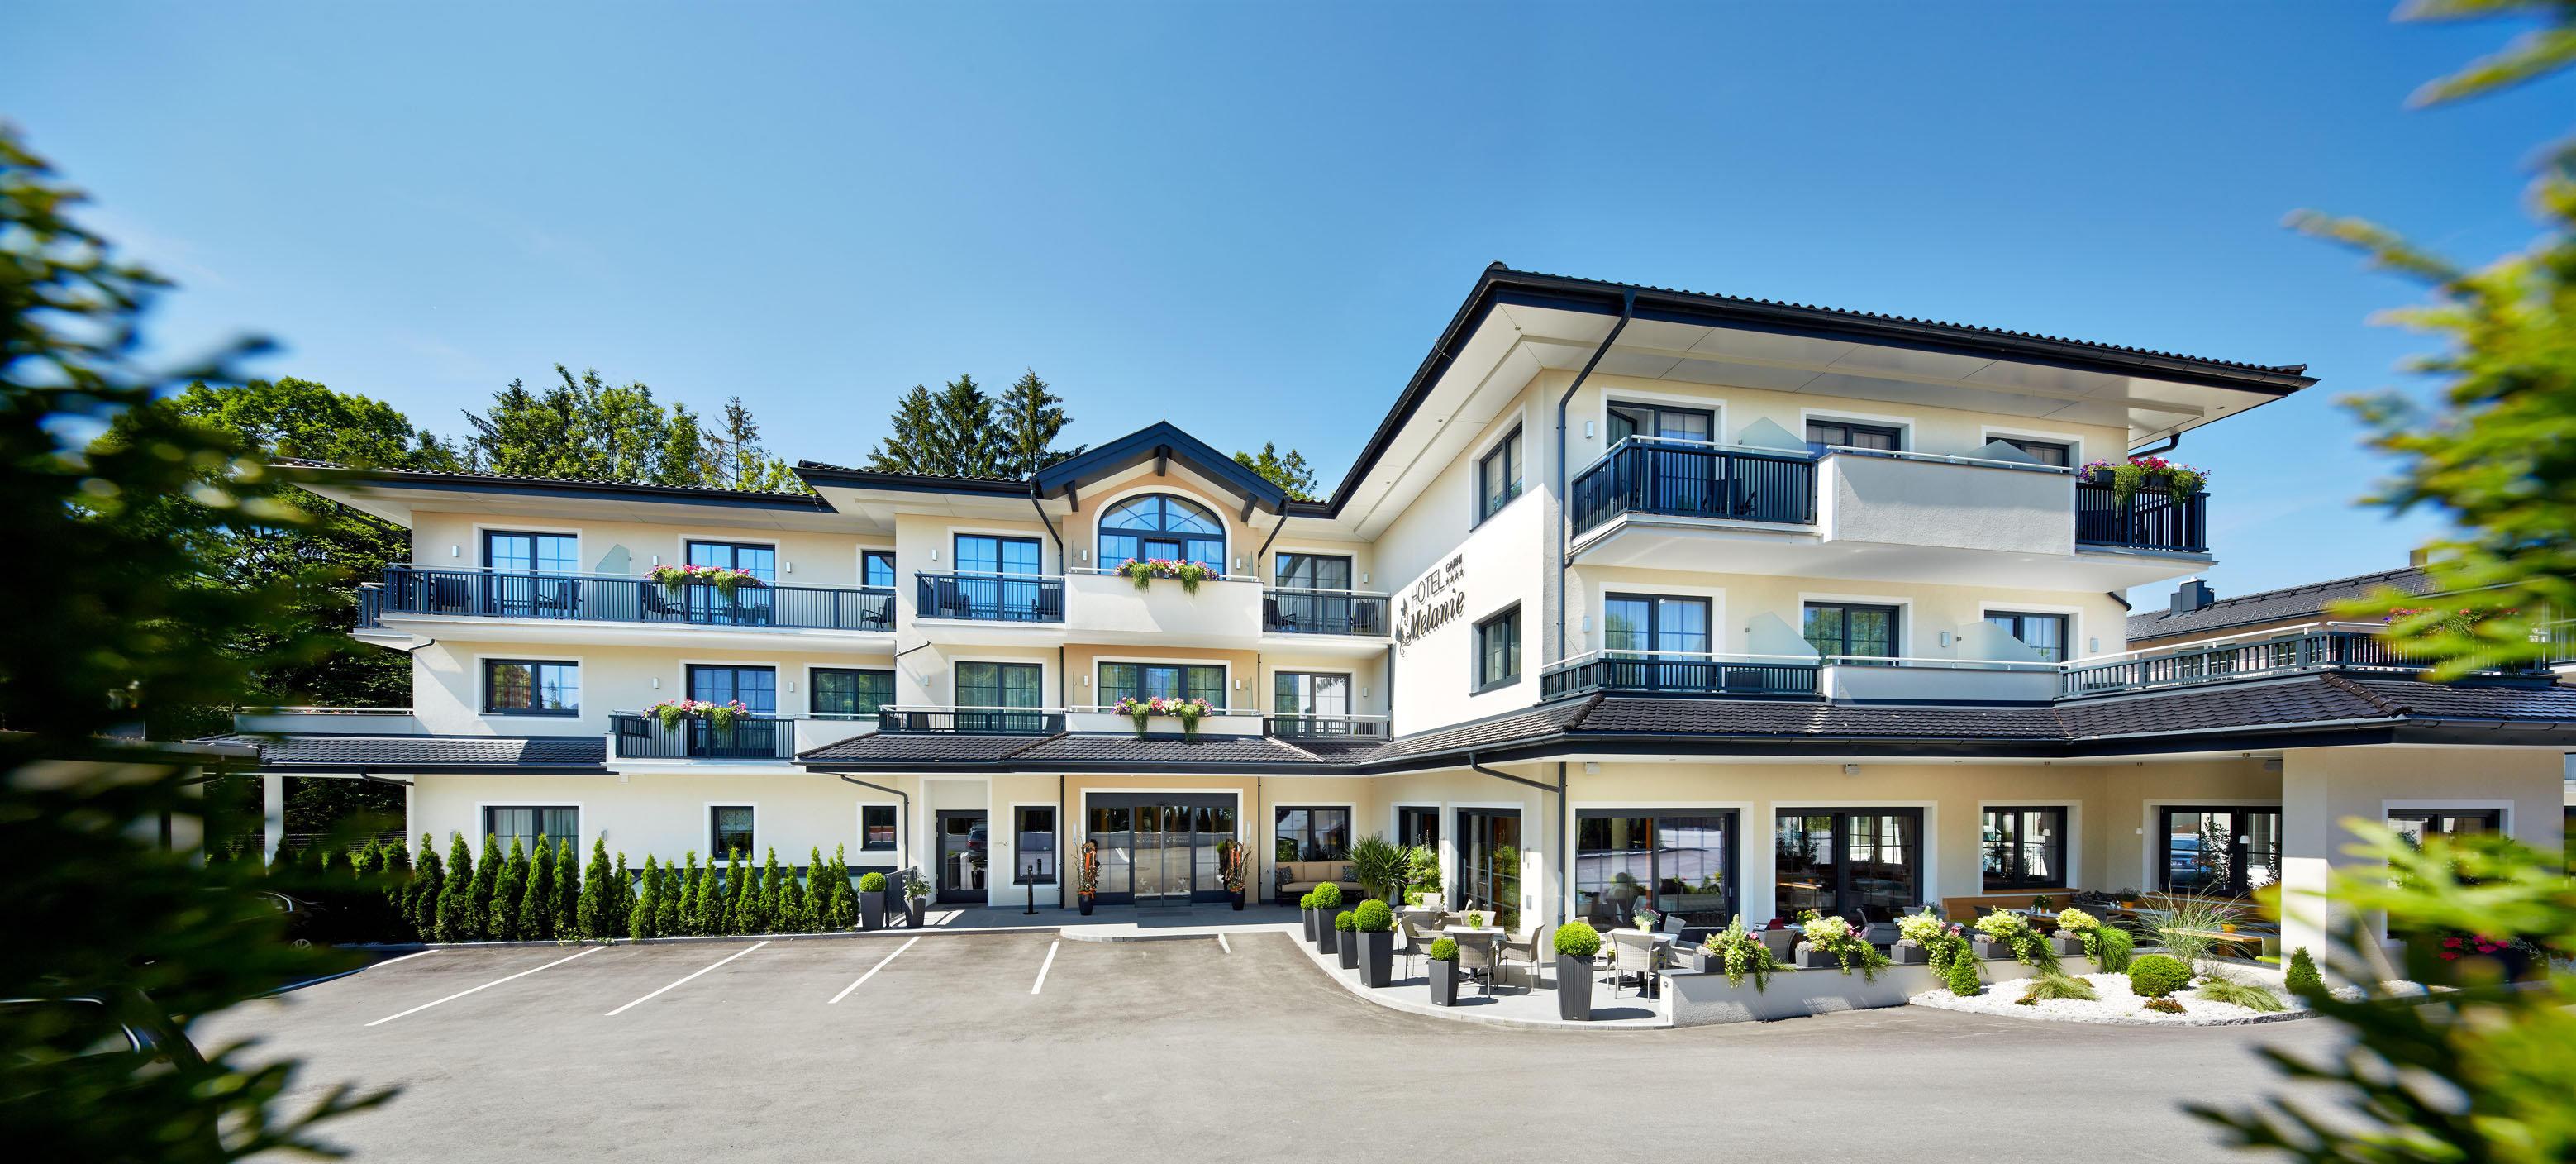 Hotel Melanie Salzburg